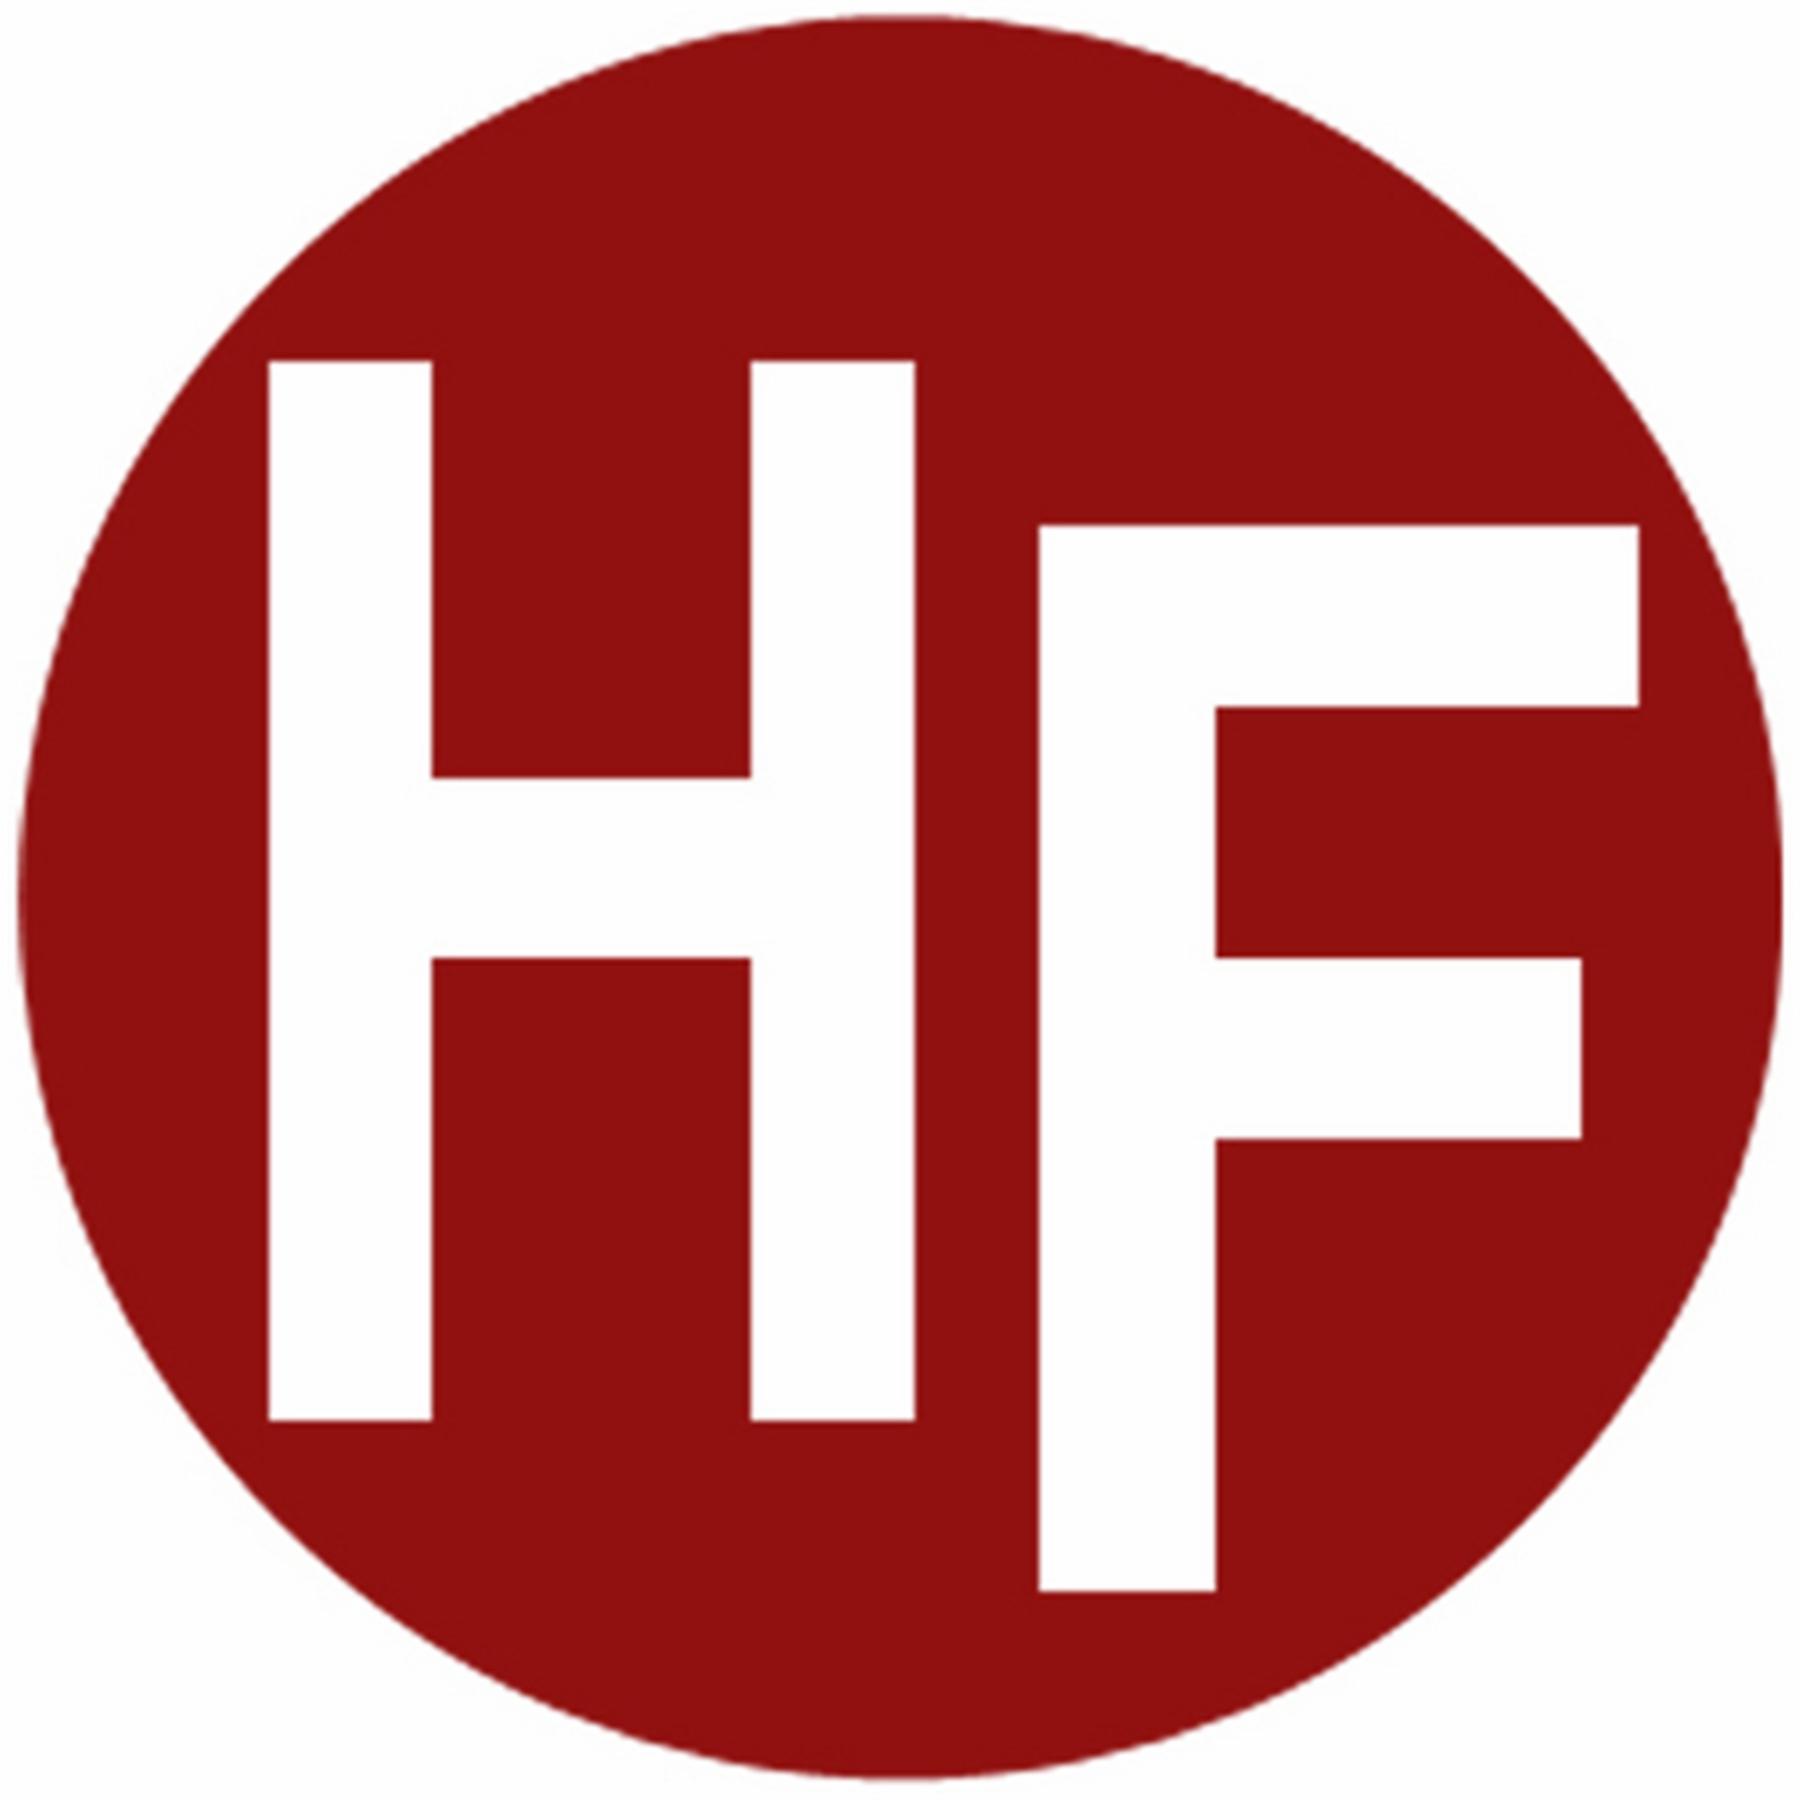 Hudson s furniture credit card payment login address for Hudsons furniture